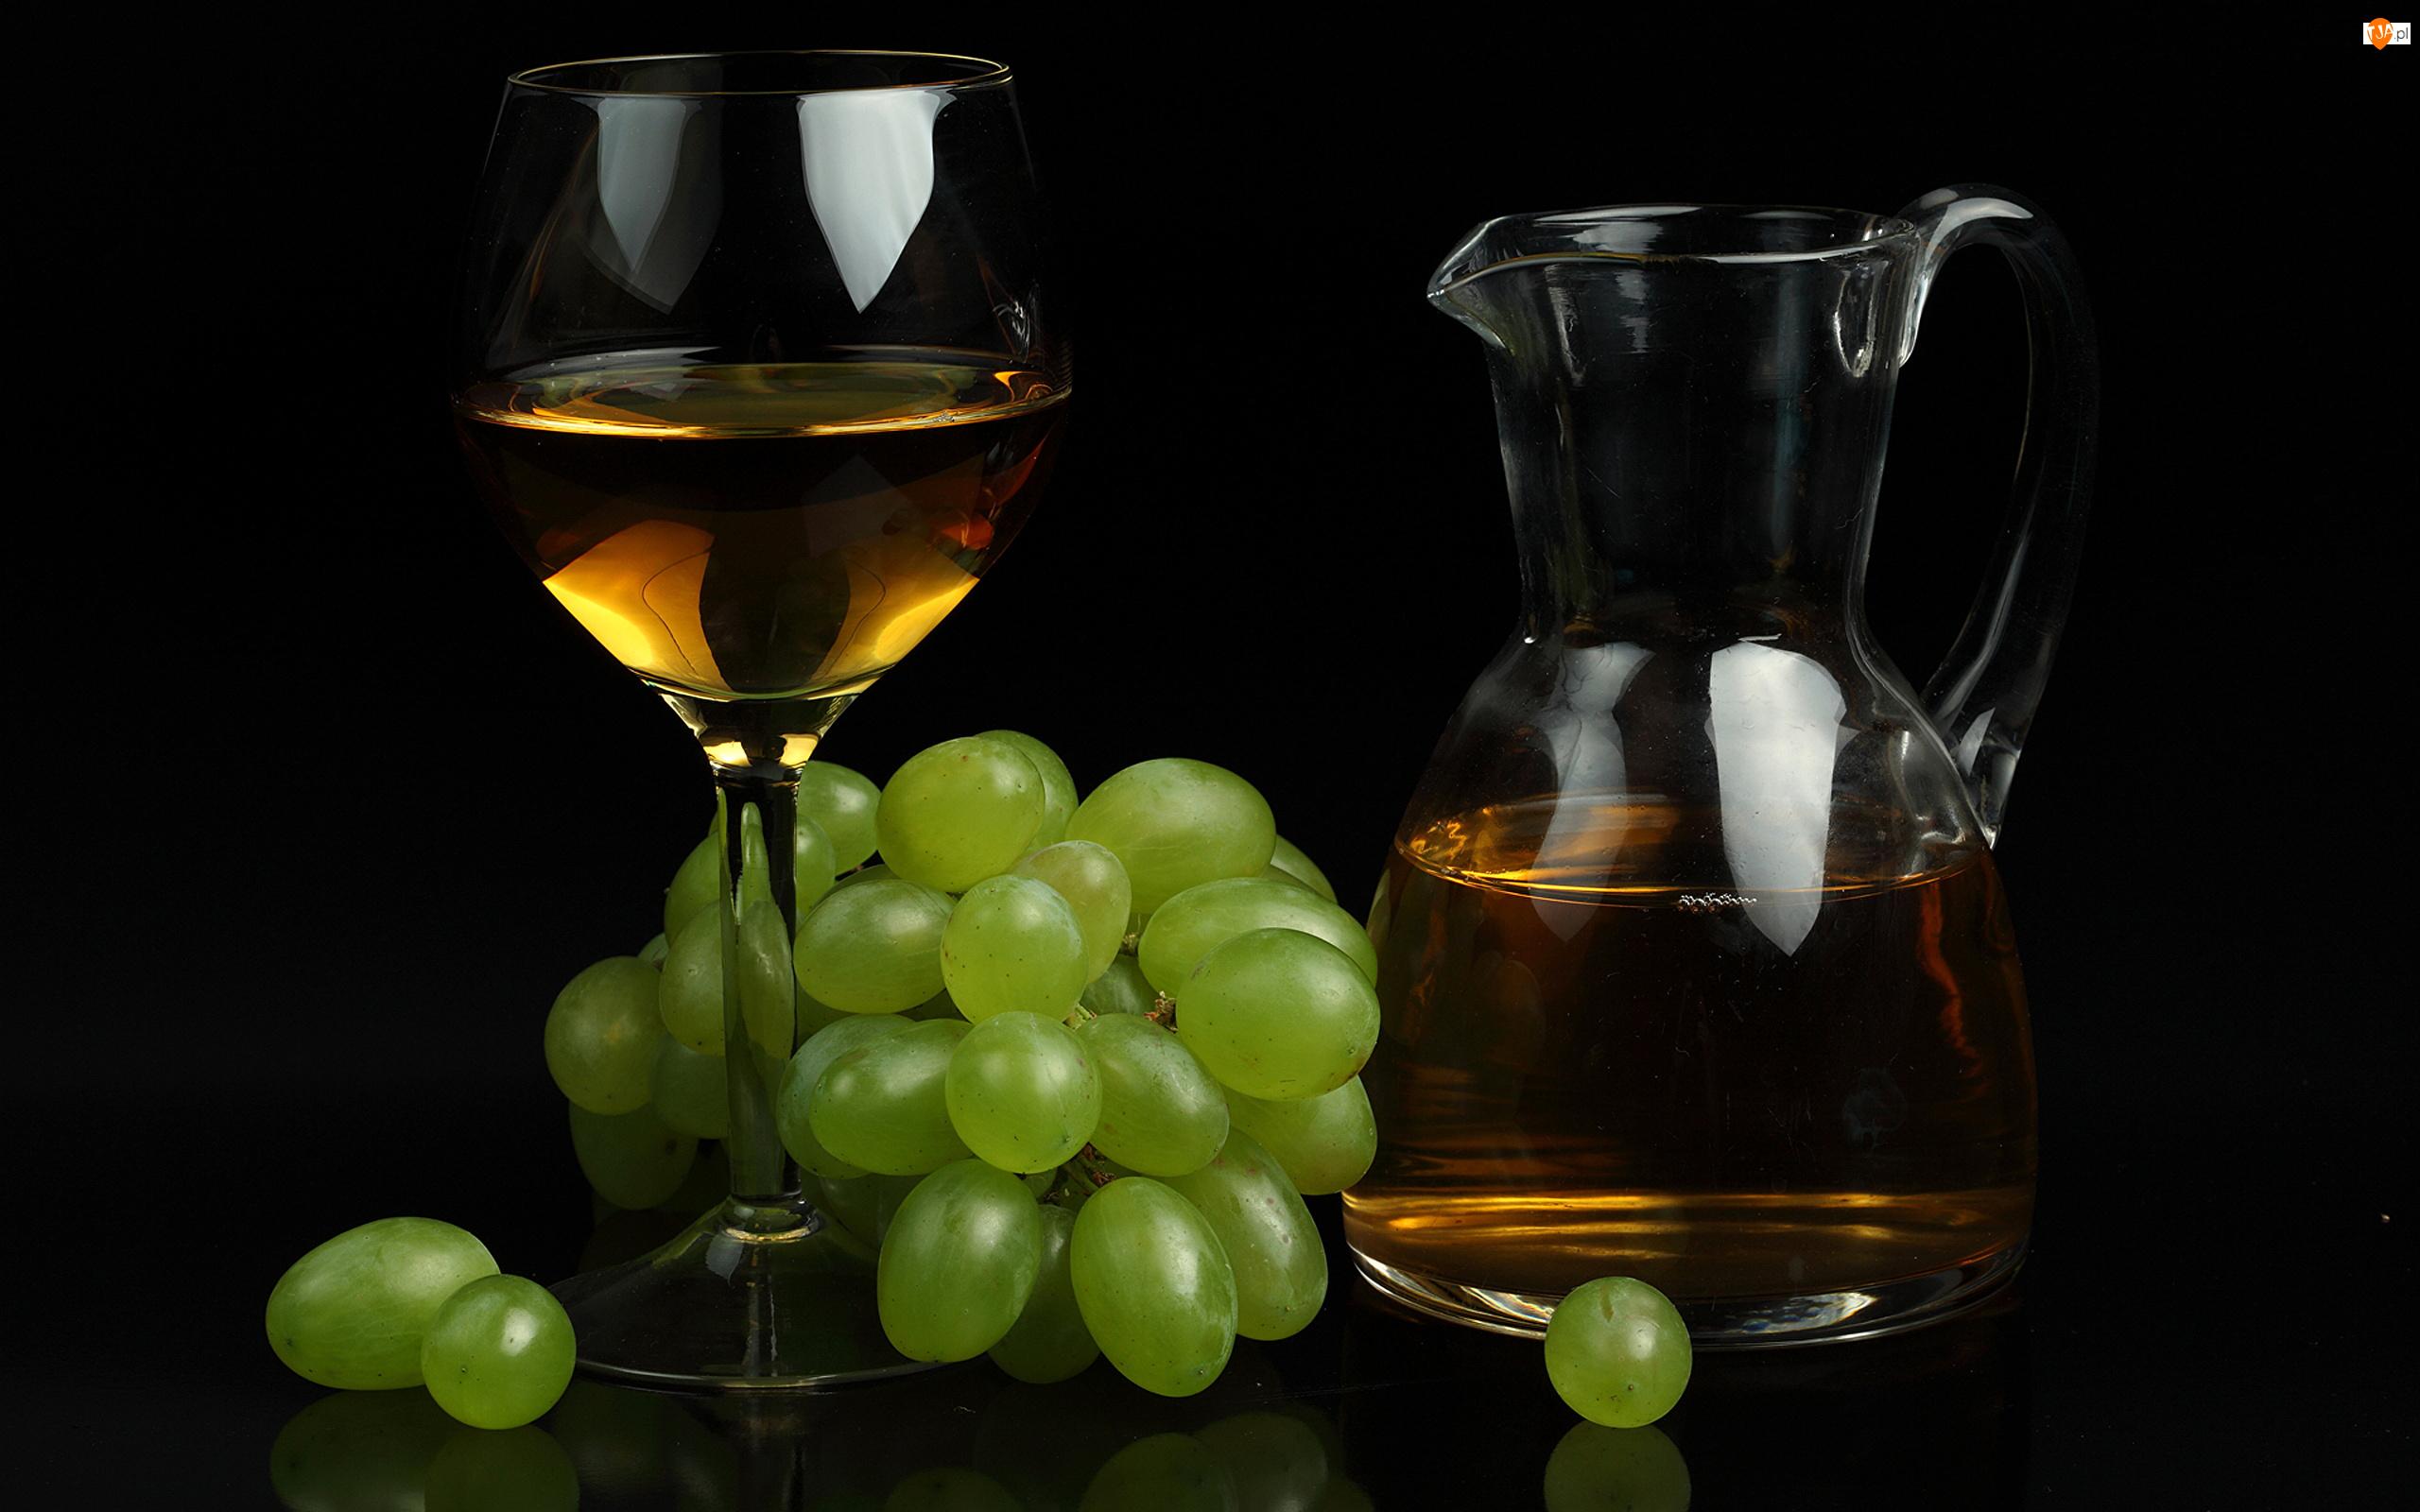 Kieliszek, Wino, Winogrona, Kość, Dzbanek